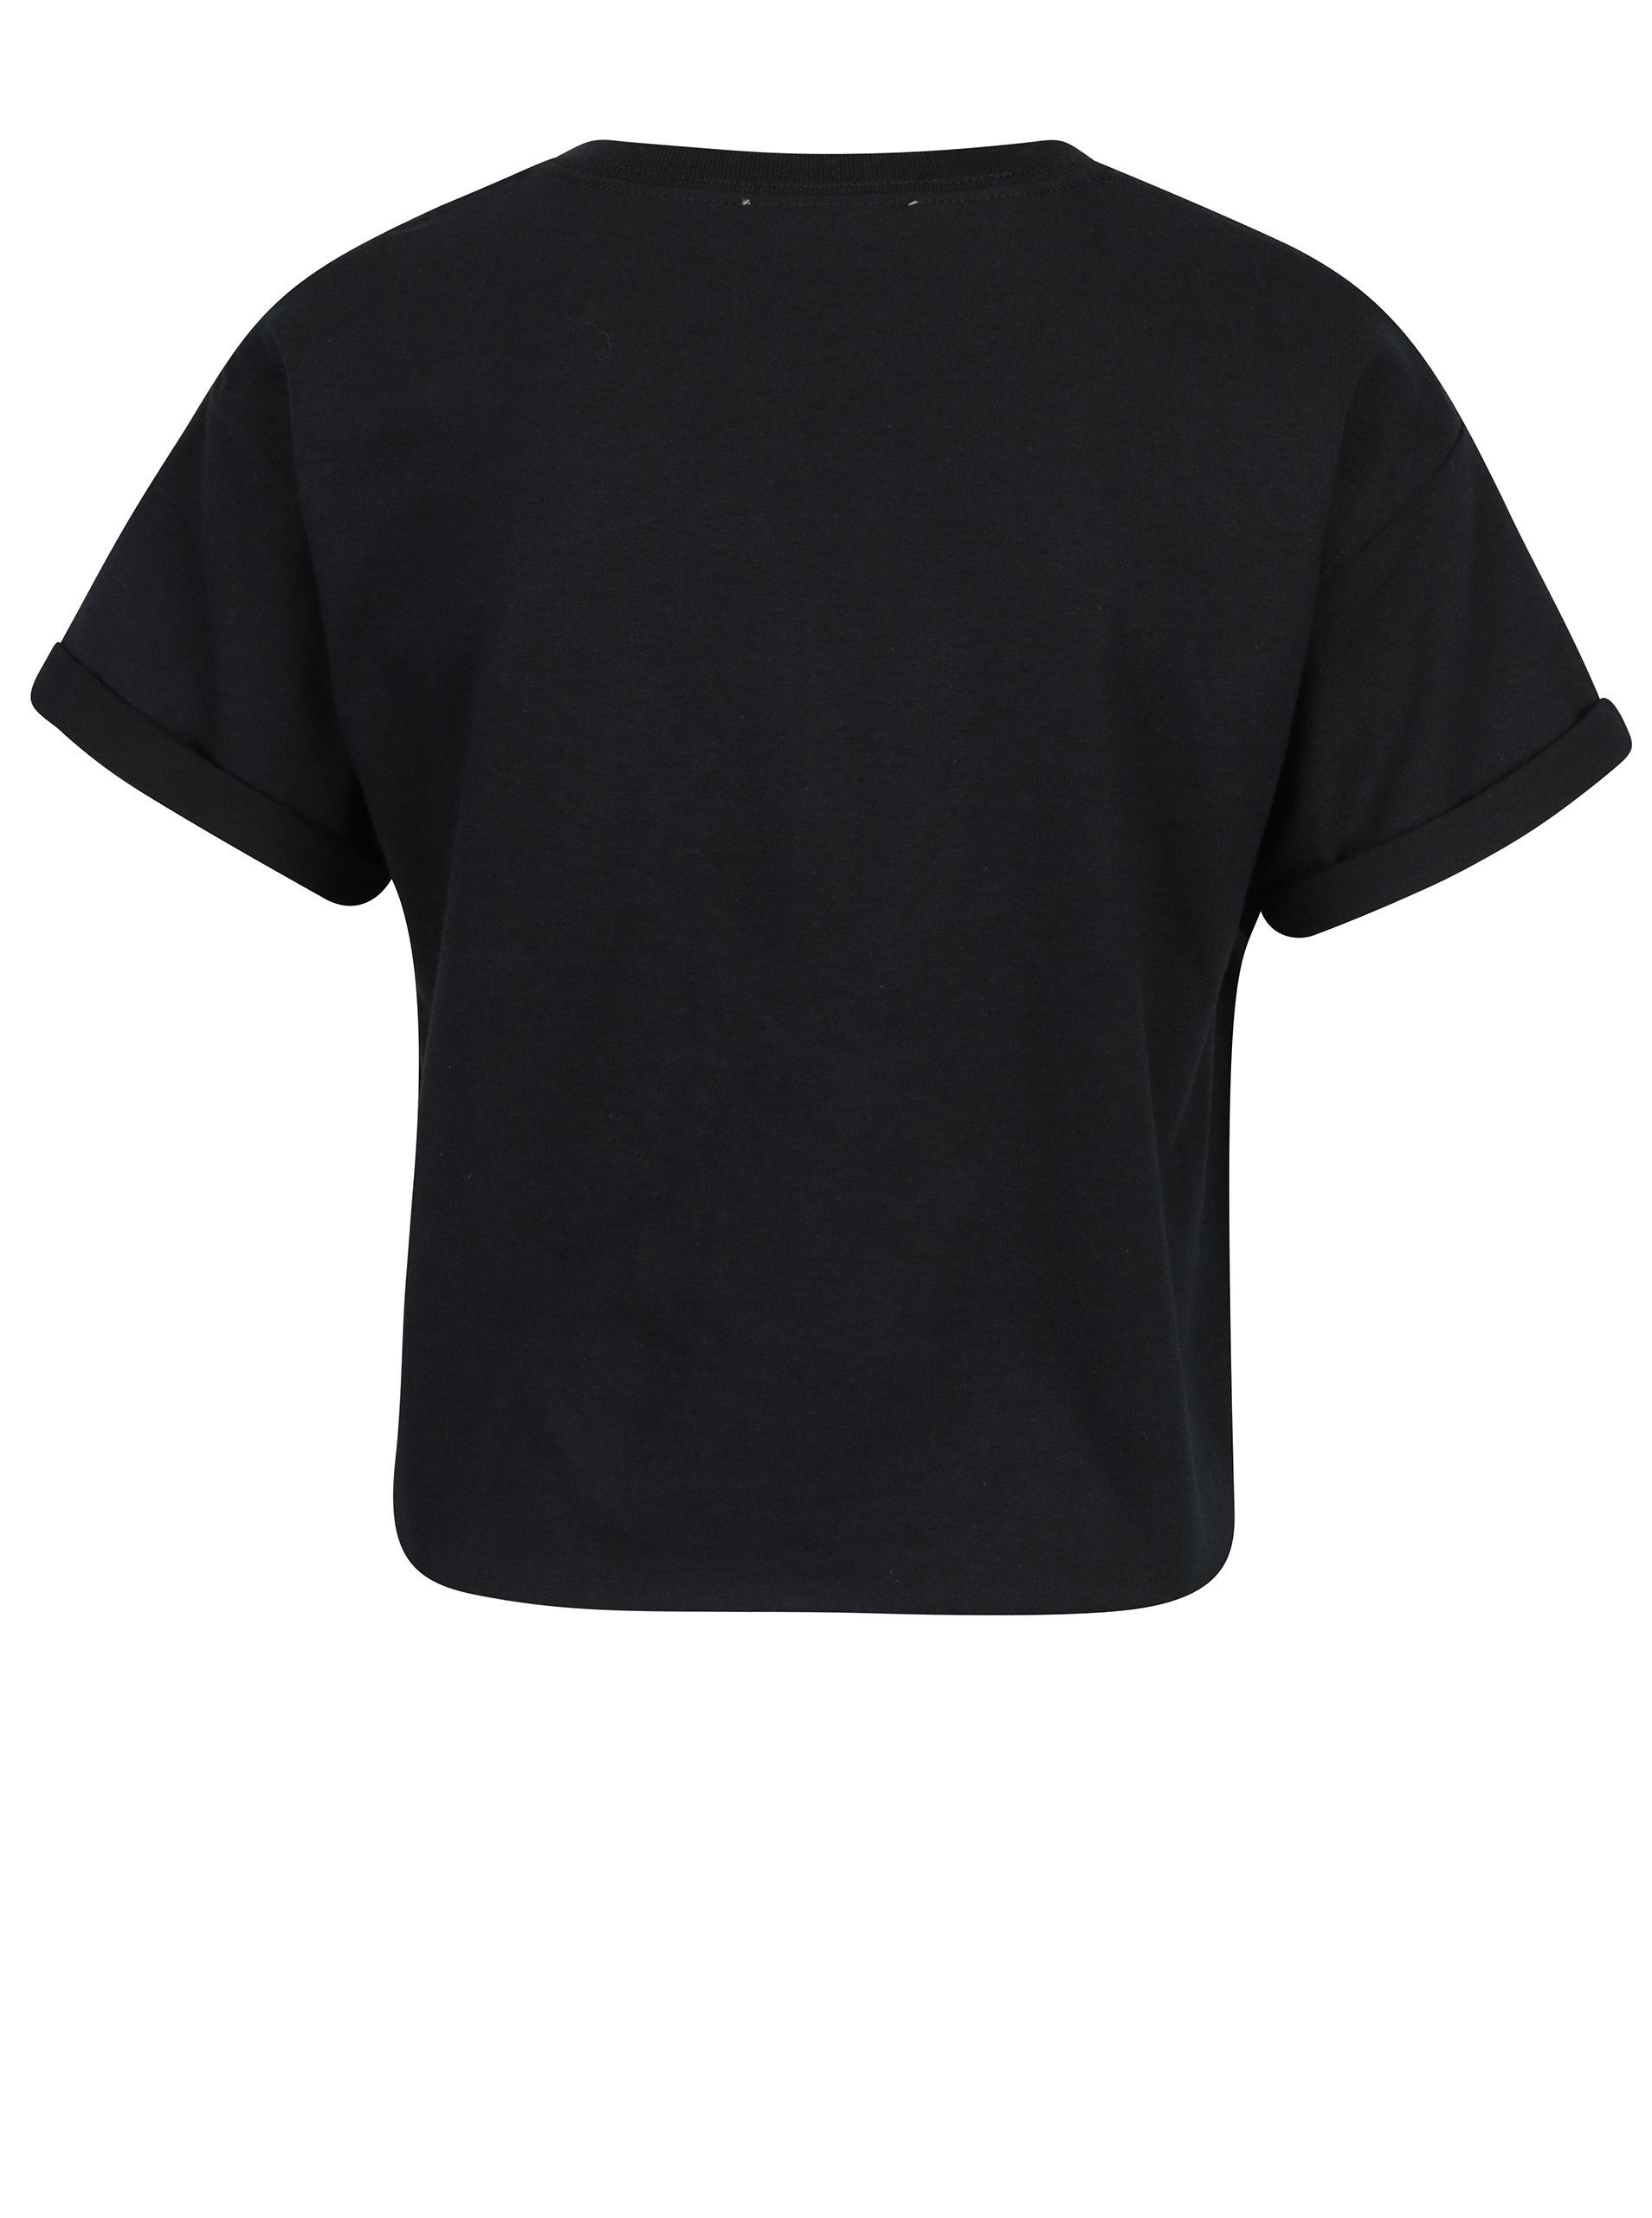 7474c3fac Čierne krátké tričko s krátkym rukávom a potlačou Miss Selfridge Petites ...